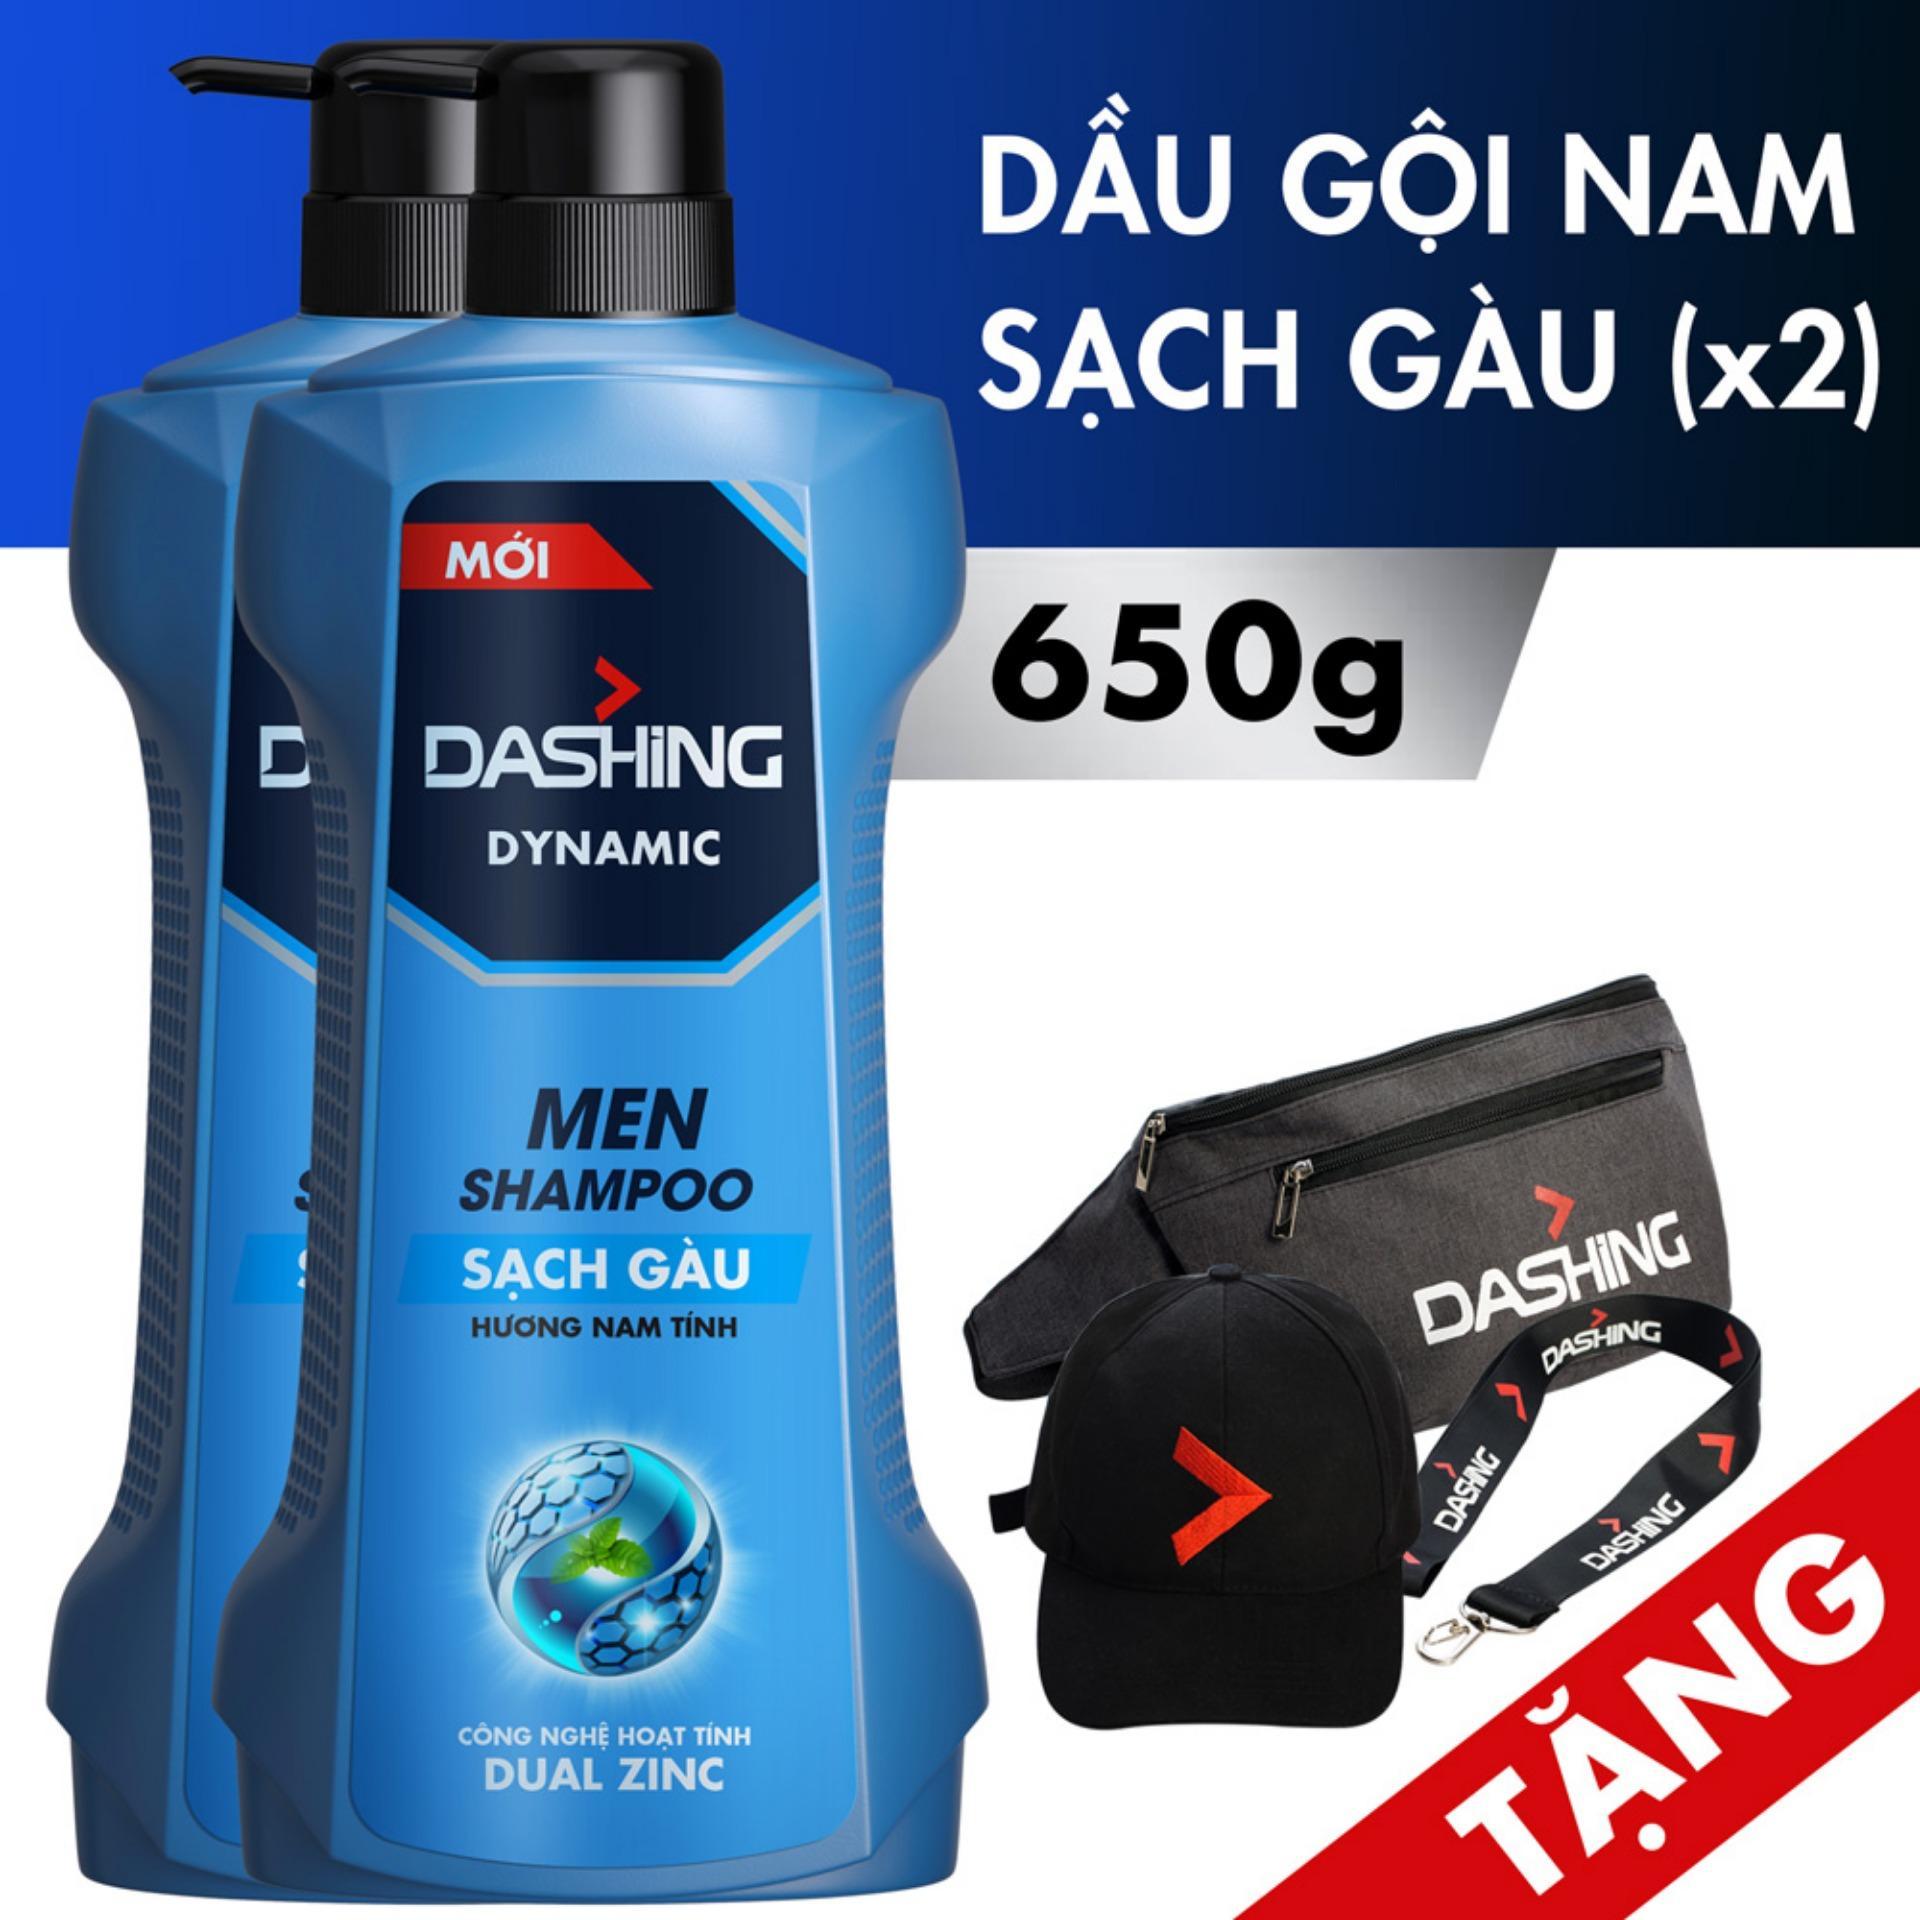 [Tặng Nón, Túi Đeo Chéo, Dây Đeo Điện Thoại] Combo 2 chai Dầu gội sạch gàu cho nam giới Dashing Dynamic Men Shampoo 650g